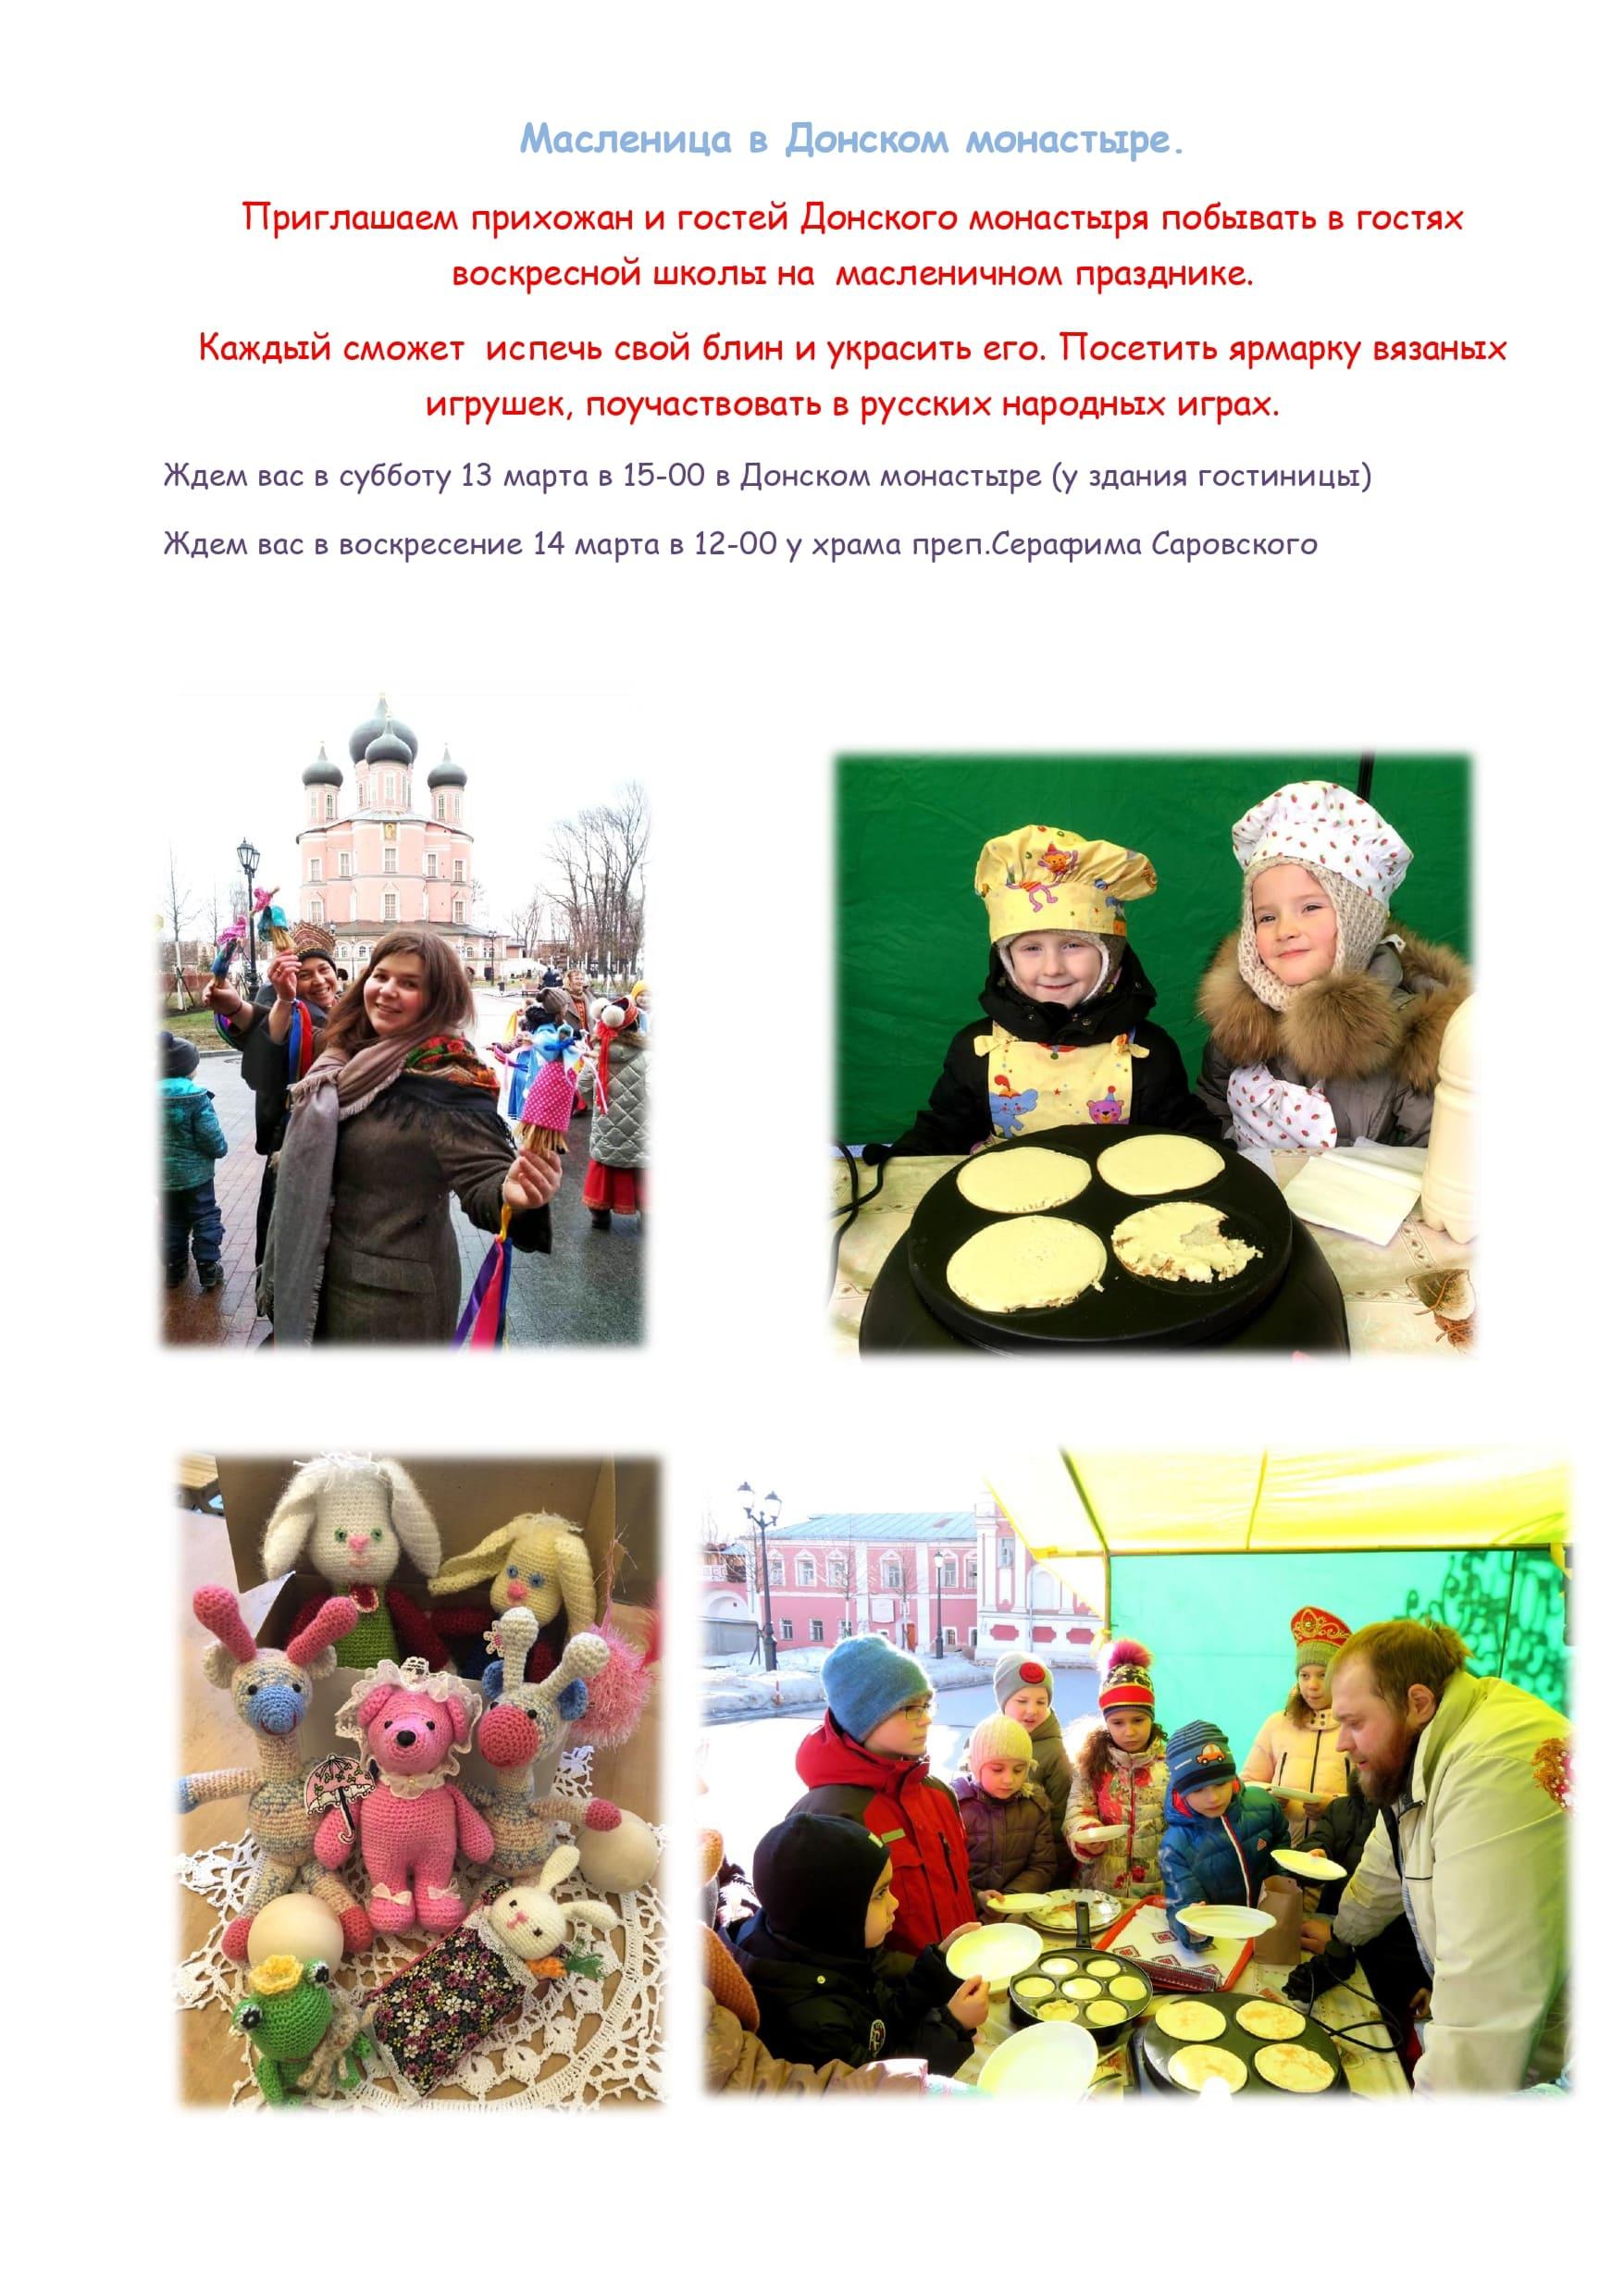 Масленица в Донском монастыре_page-0001-min